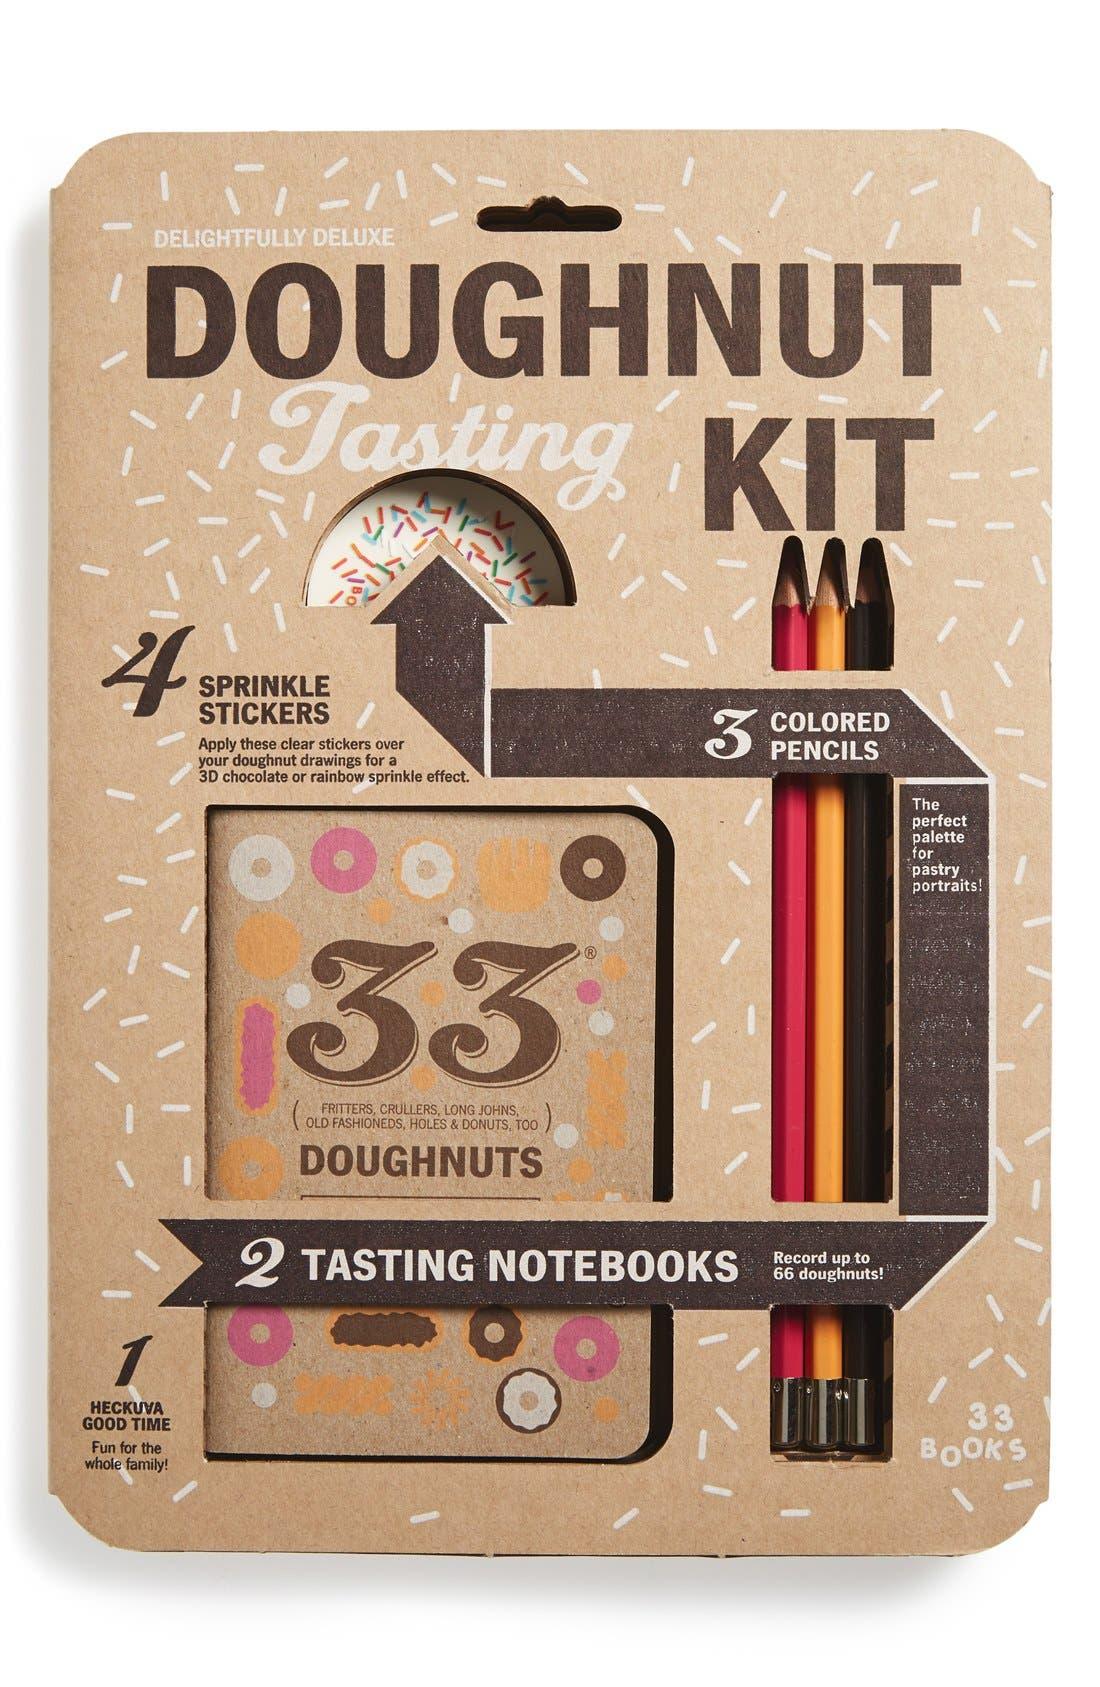 Alternate Image 1 Selected - 33 Books Co. Doughnut Tasting Set